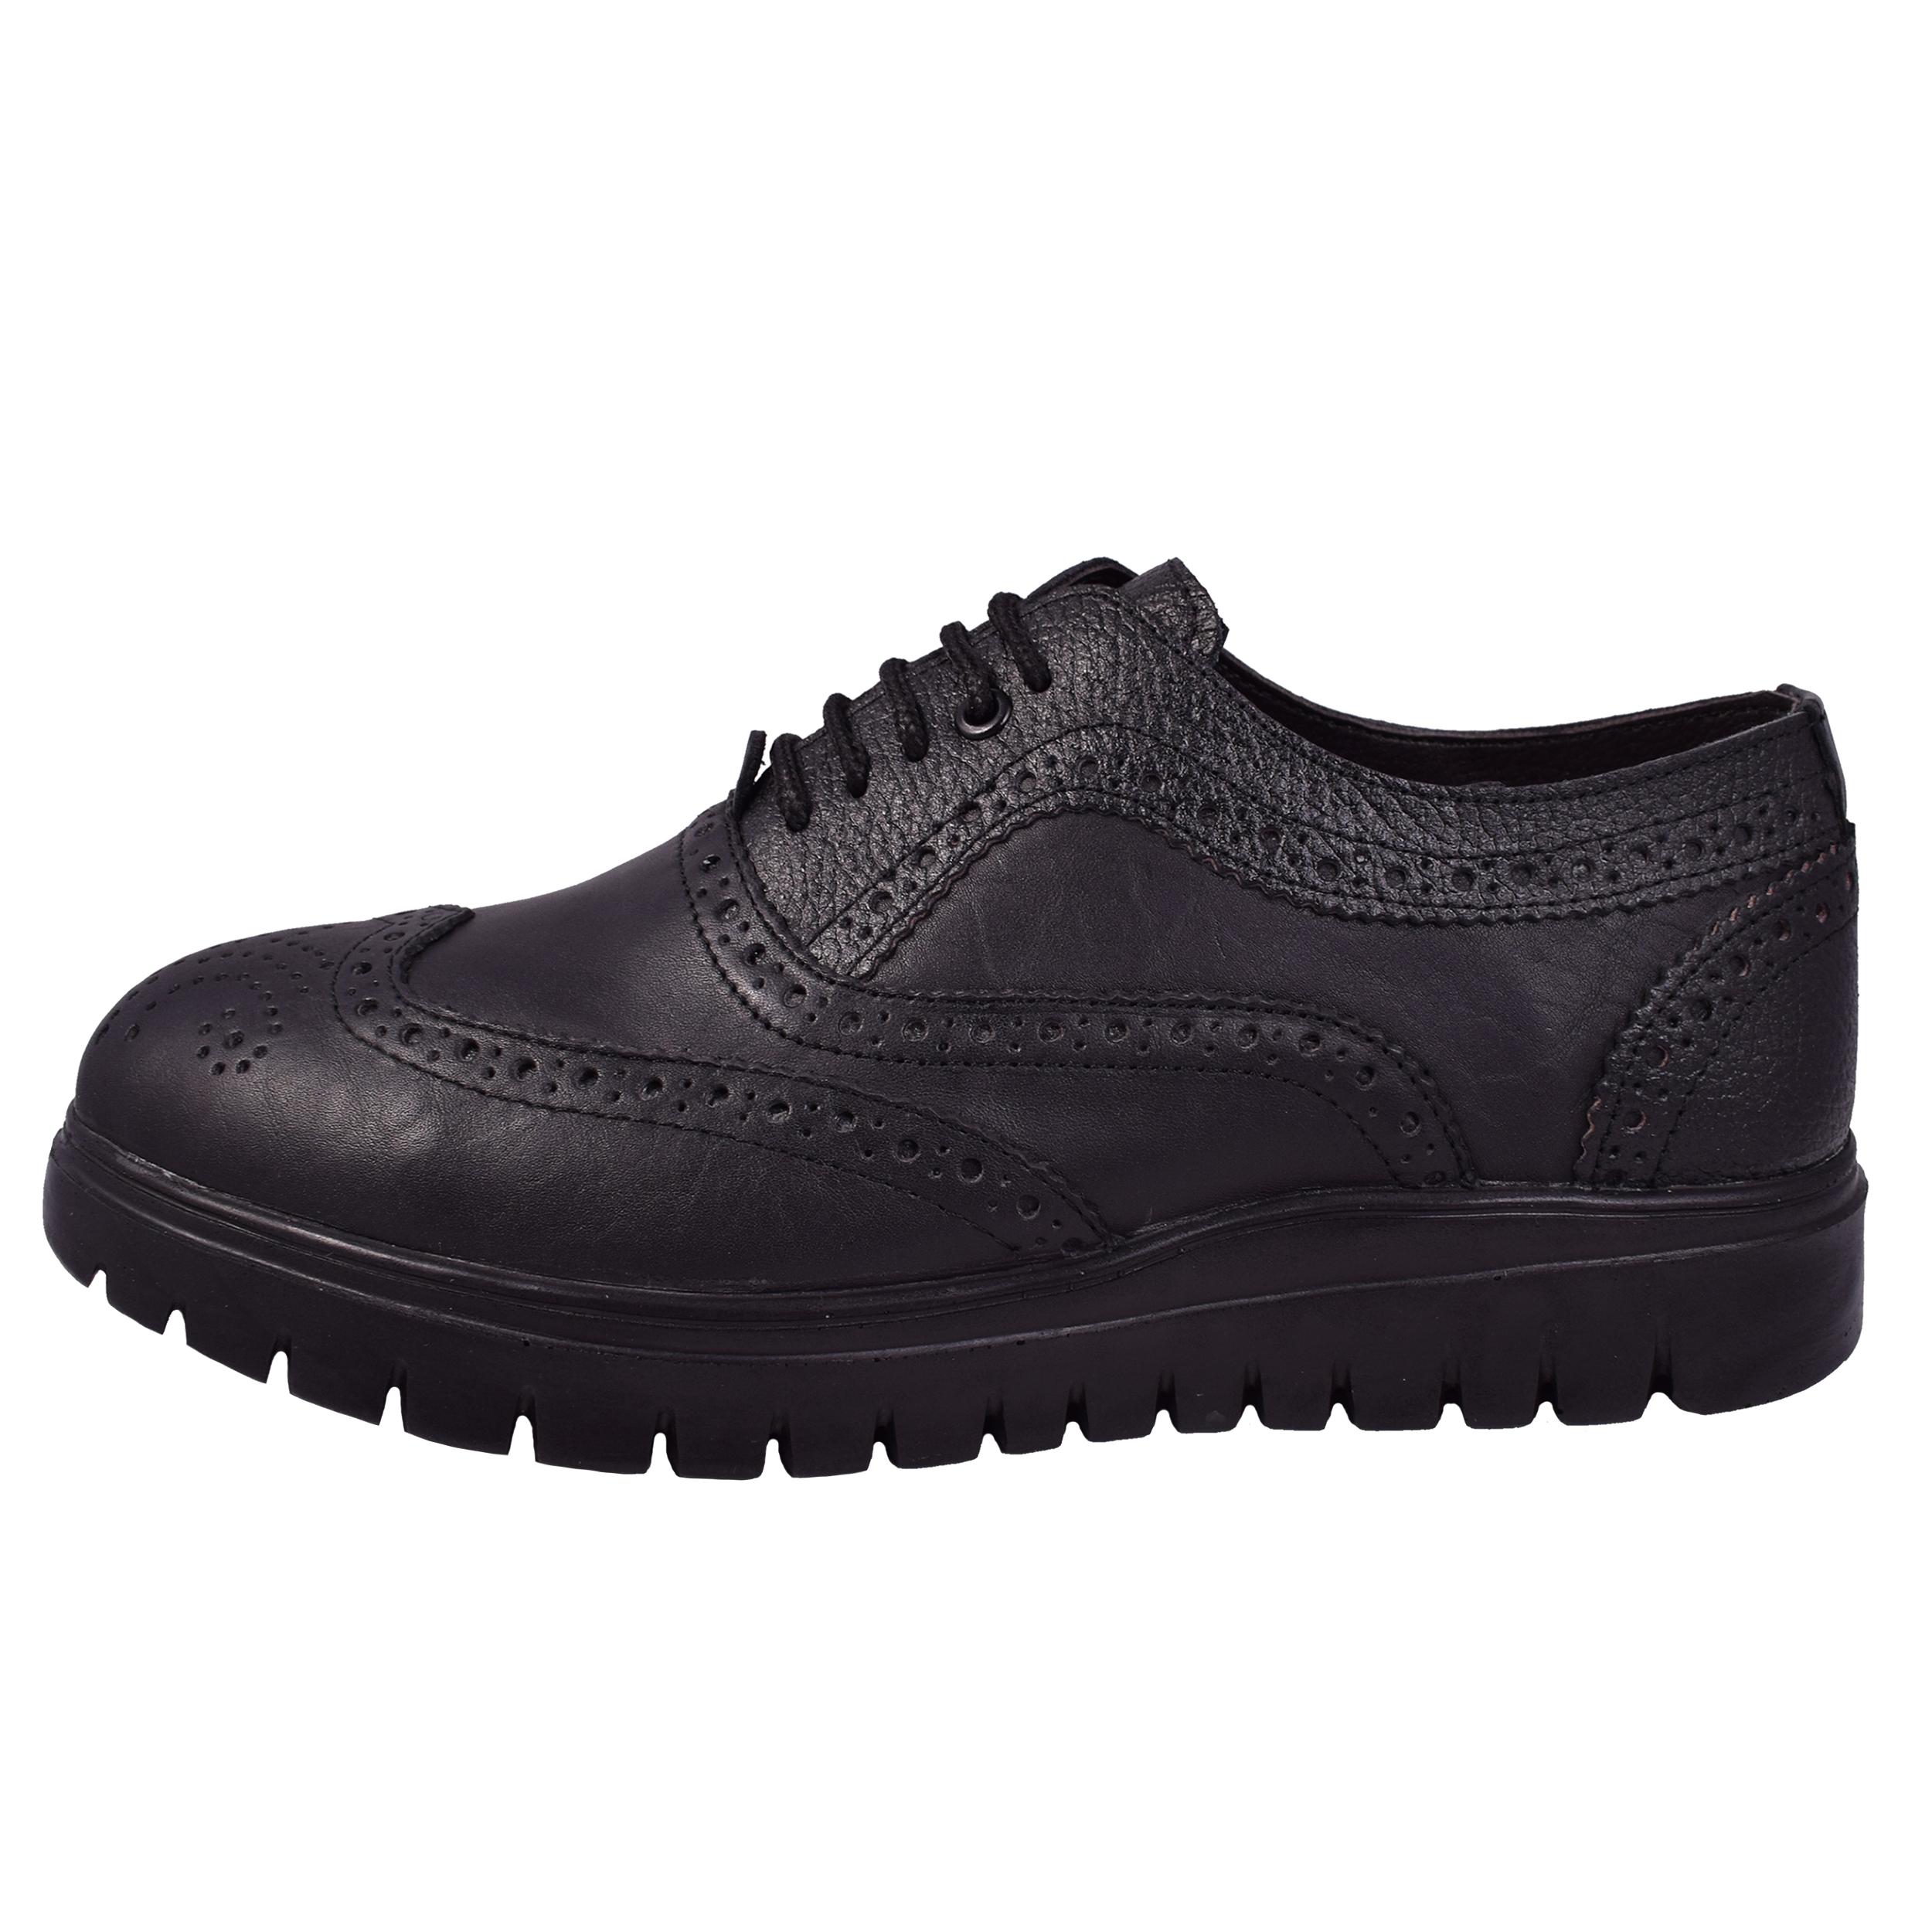 کفش مردانه مدل آکسفورد کد 9082-SS رنگ مشکی